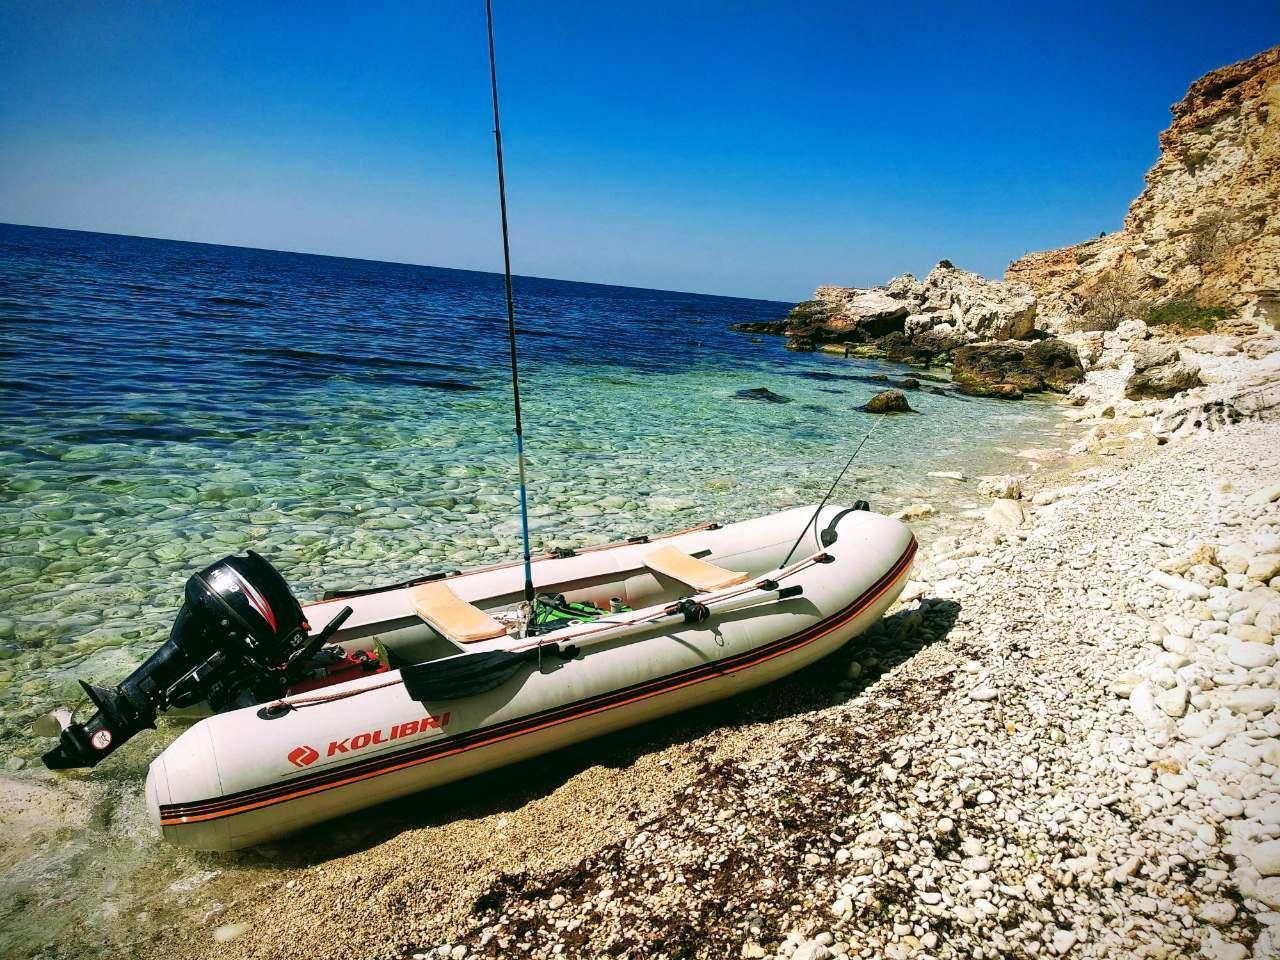 גלו את החוף עם סירת גומי מתנפחת מקצועית - סירות קוליברי KOLIBRI